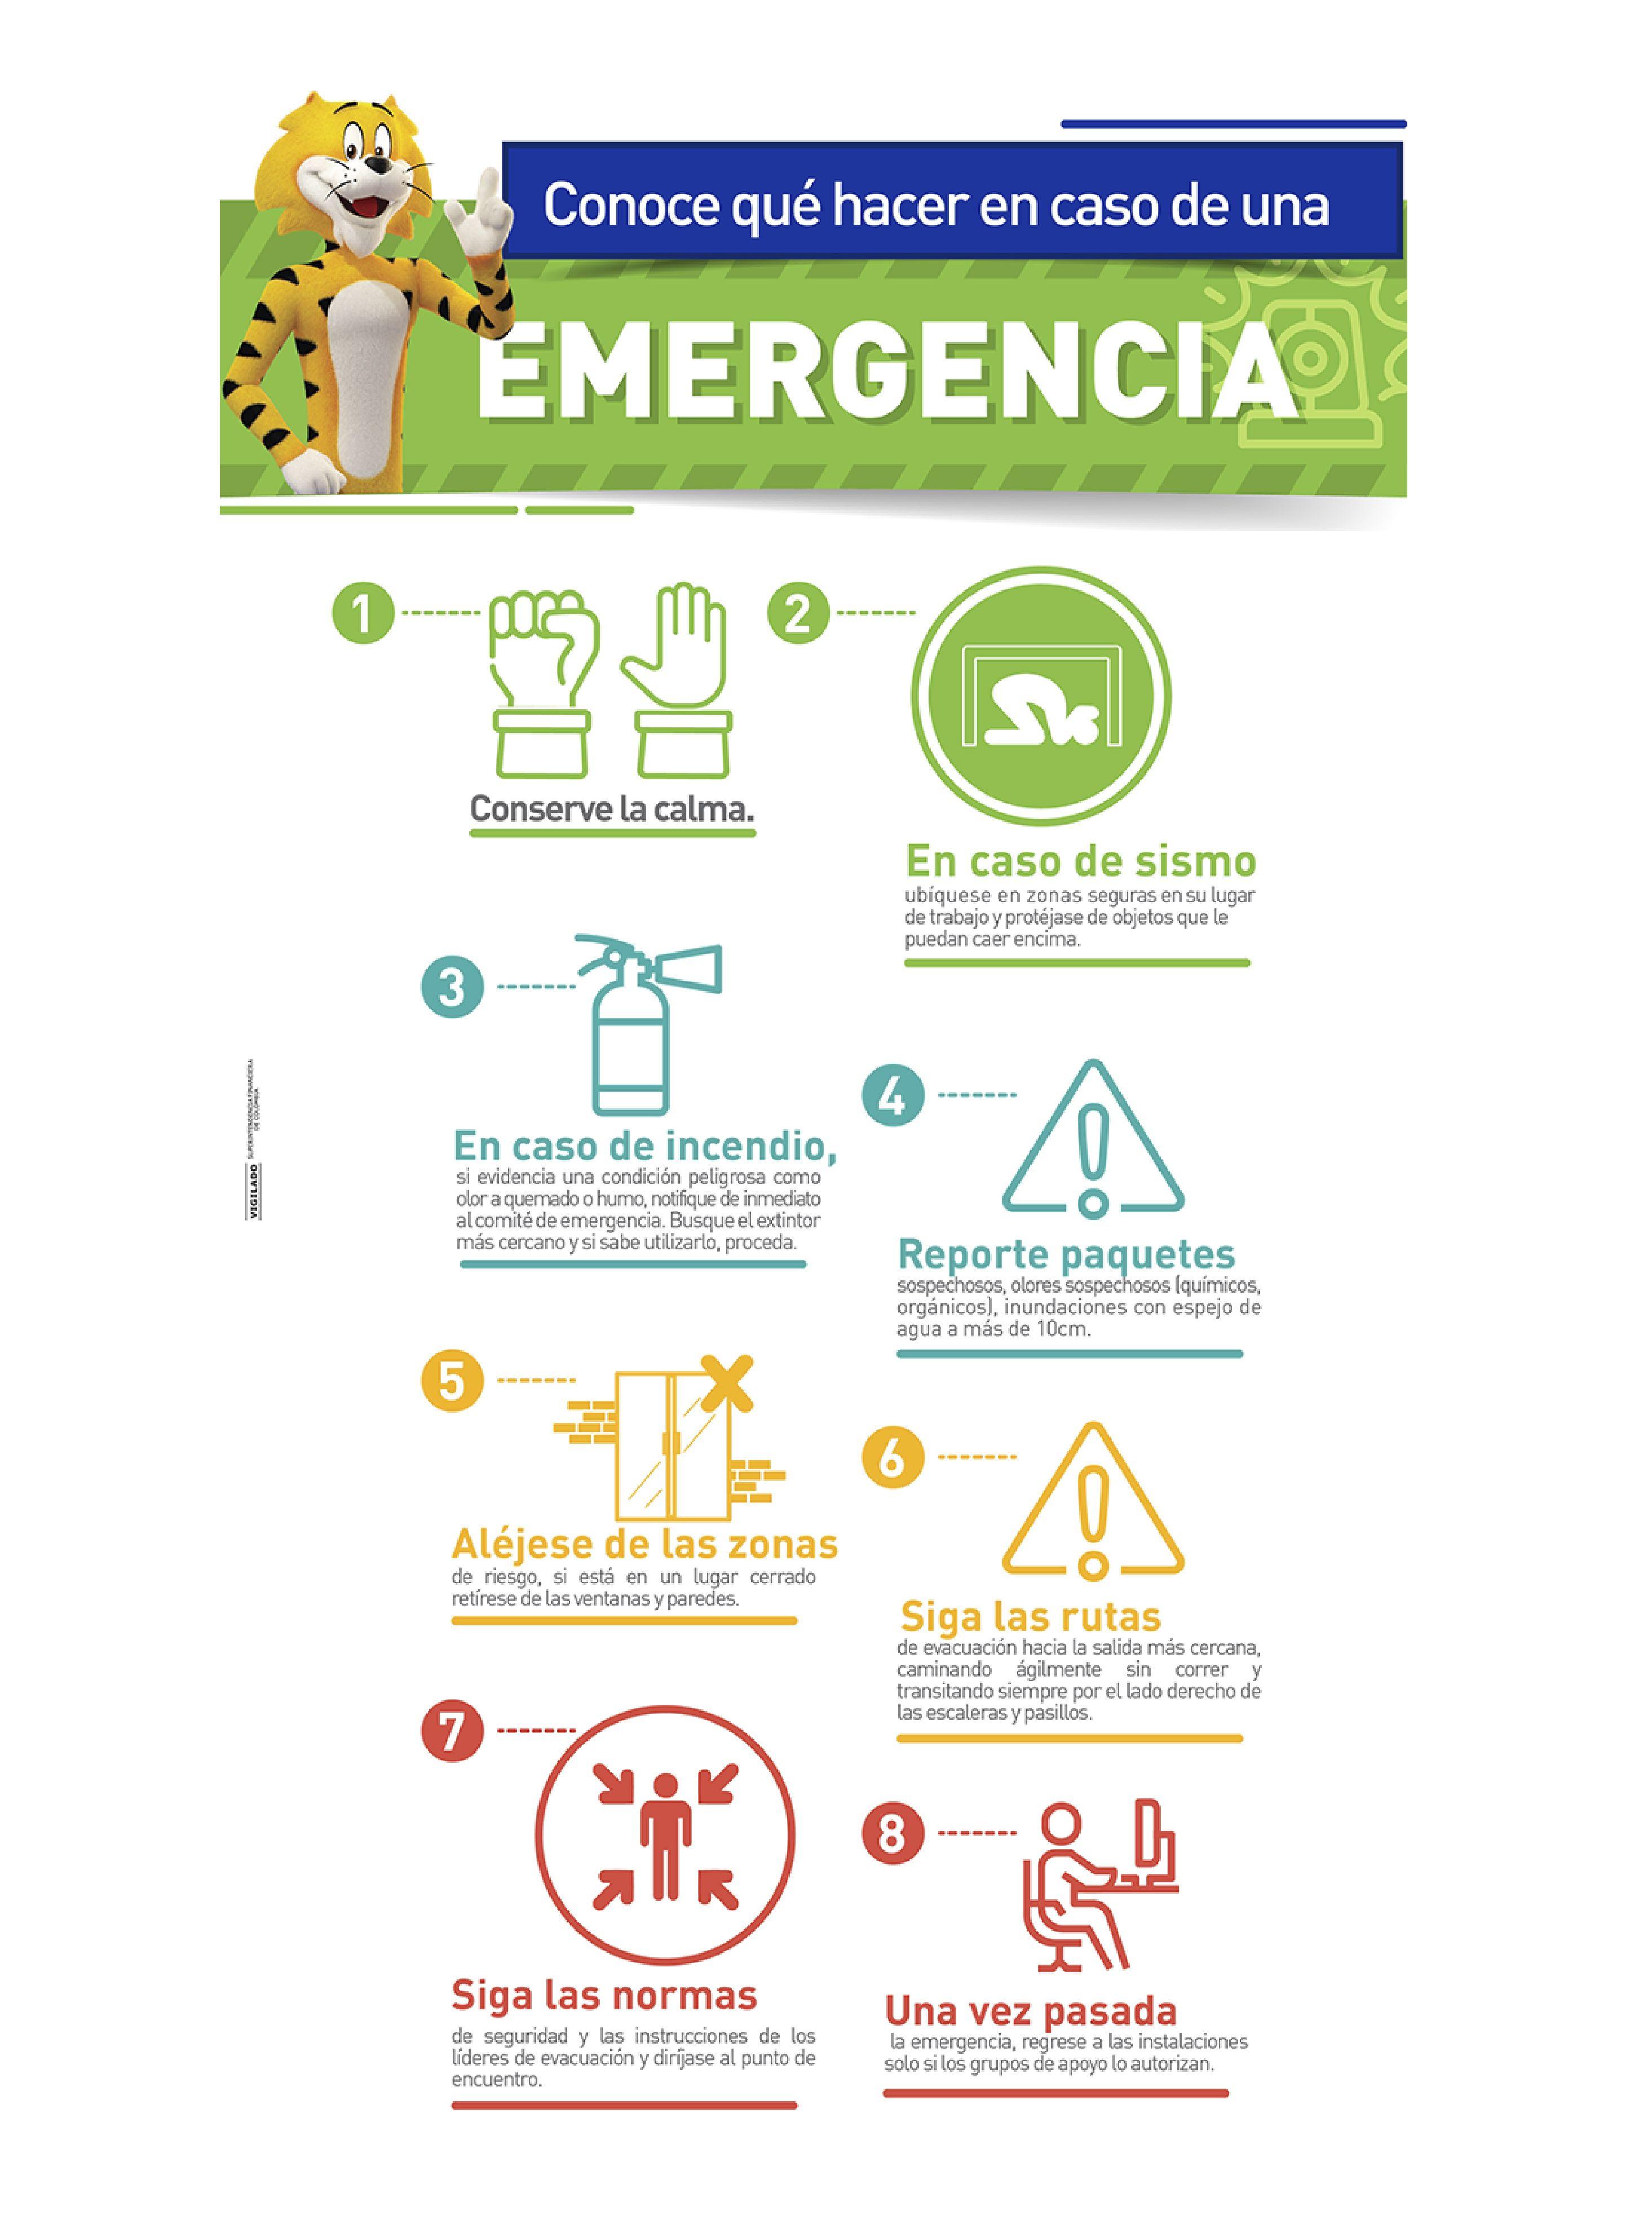 Pautas para la hipertensión de emergencia